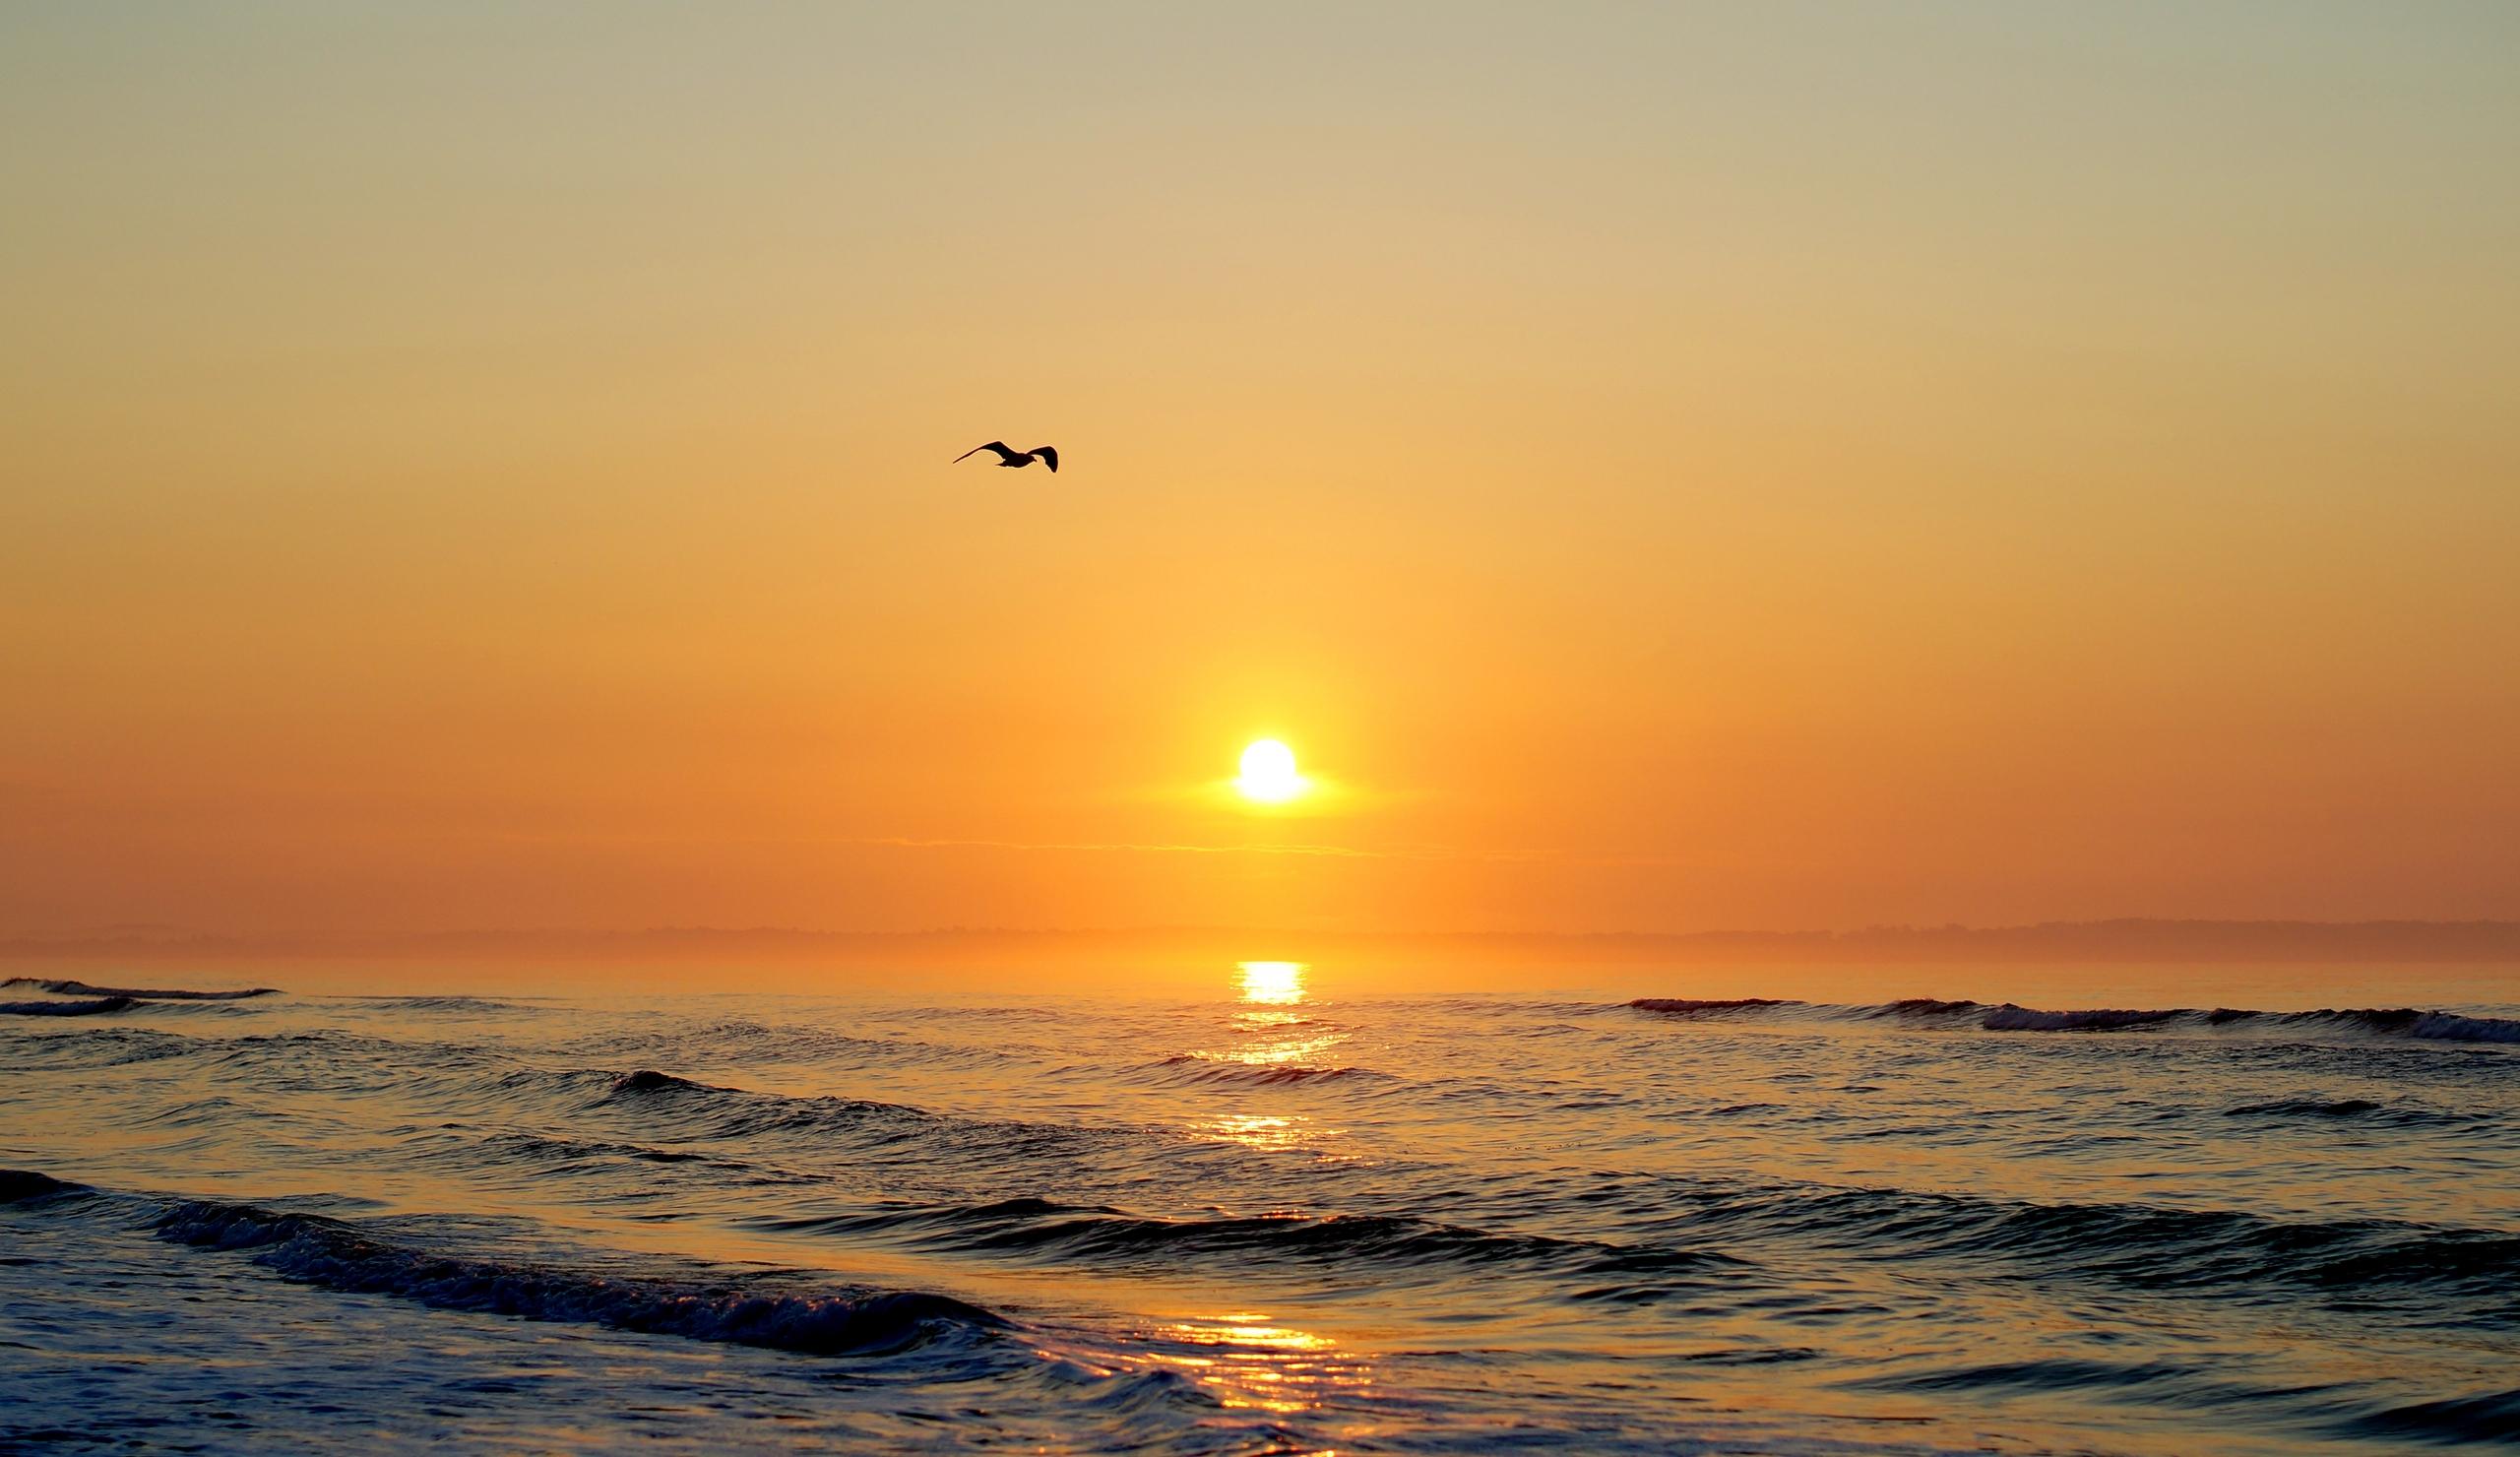 вертолет солнечный закат море бесплатно